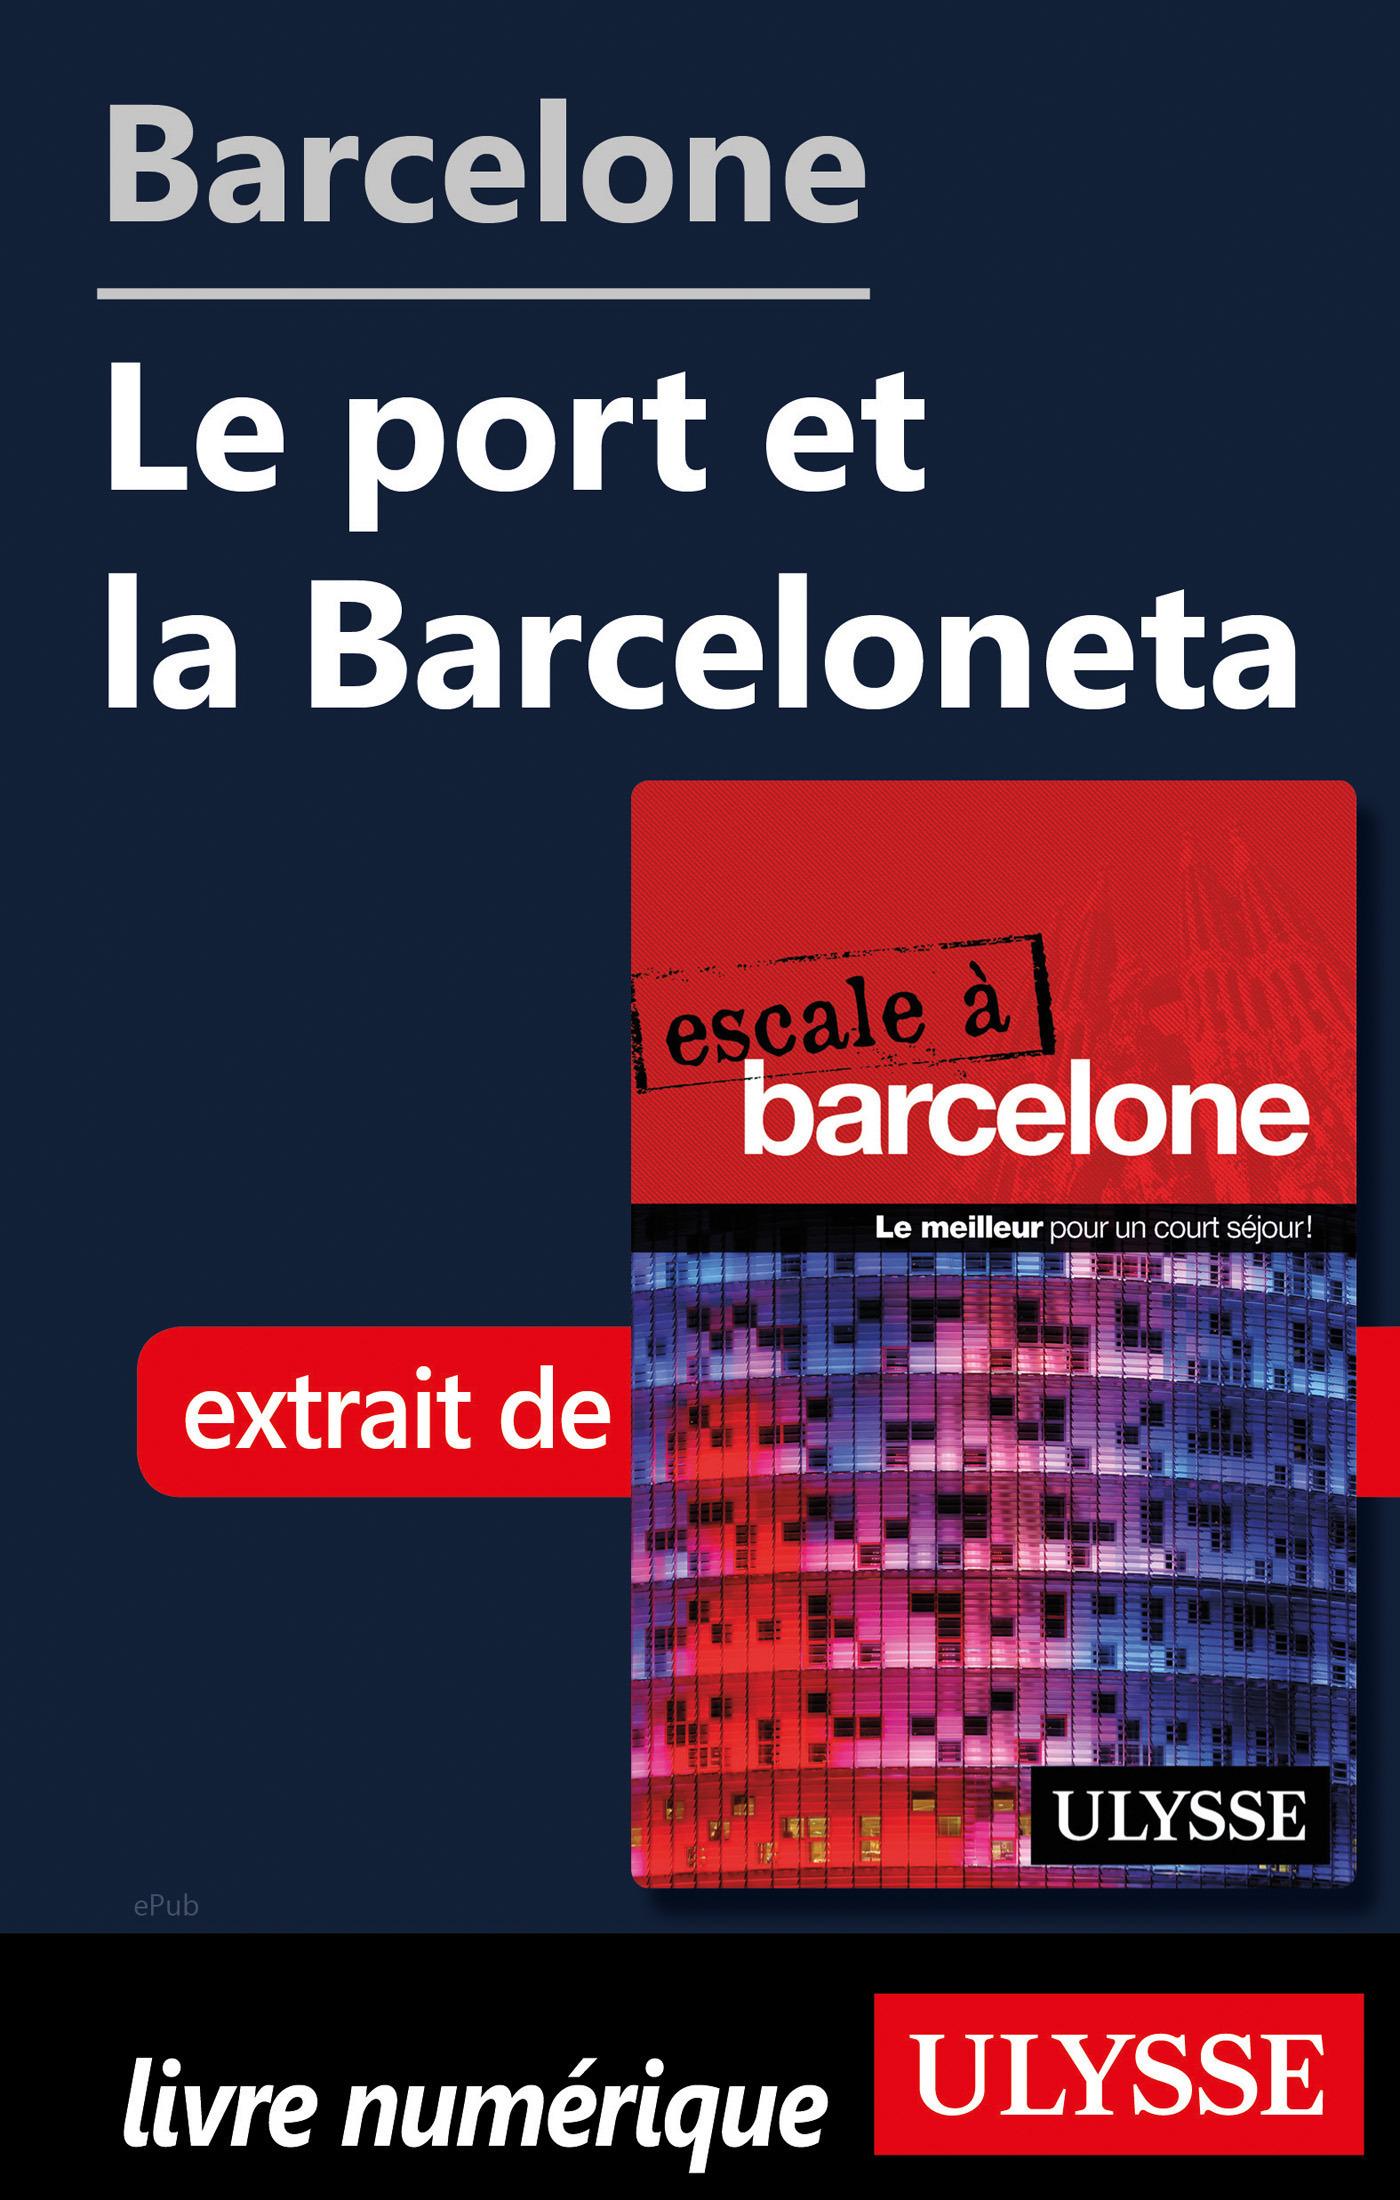 Barcelone - Le port et la Barceloneta